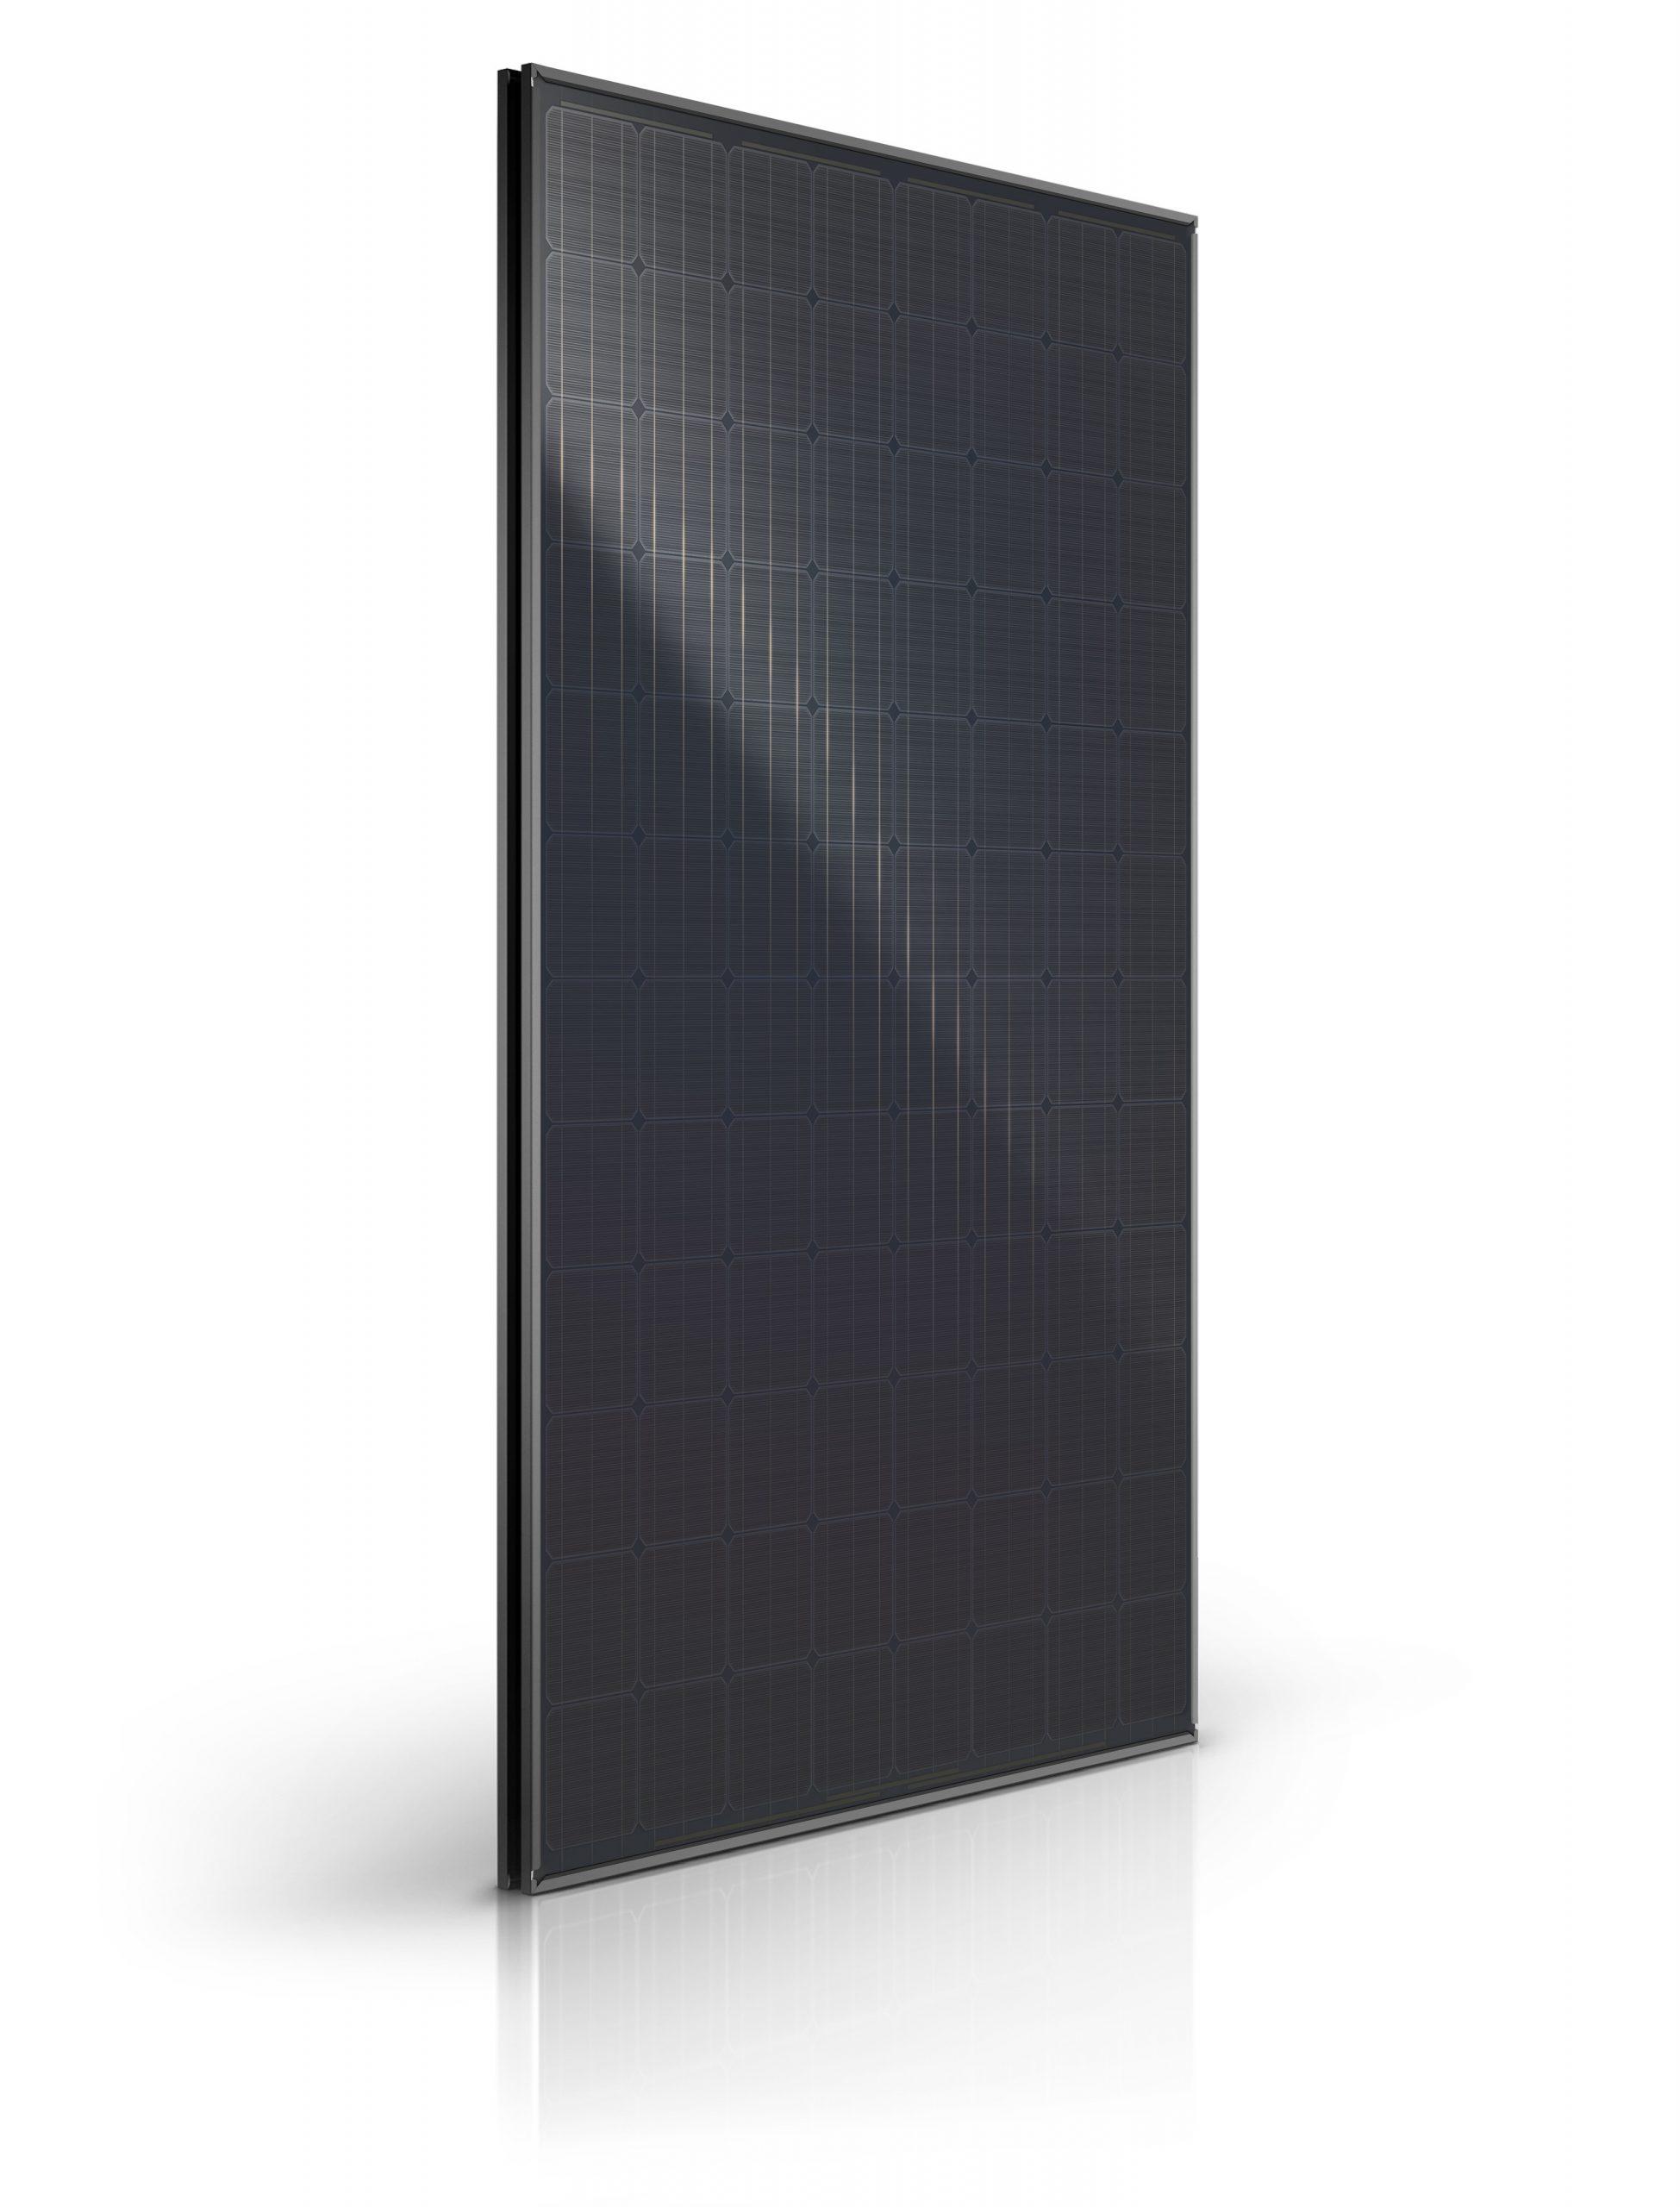 tesla-solar-panels-12